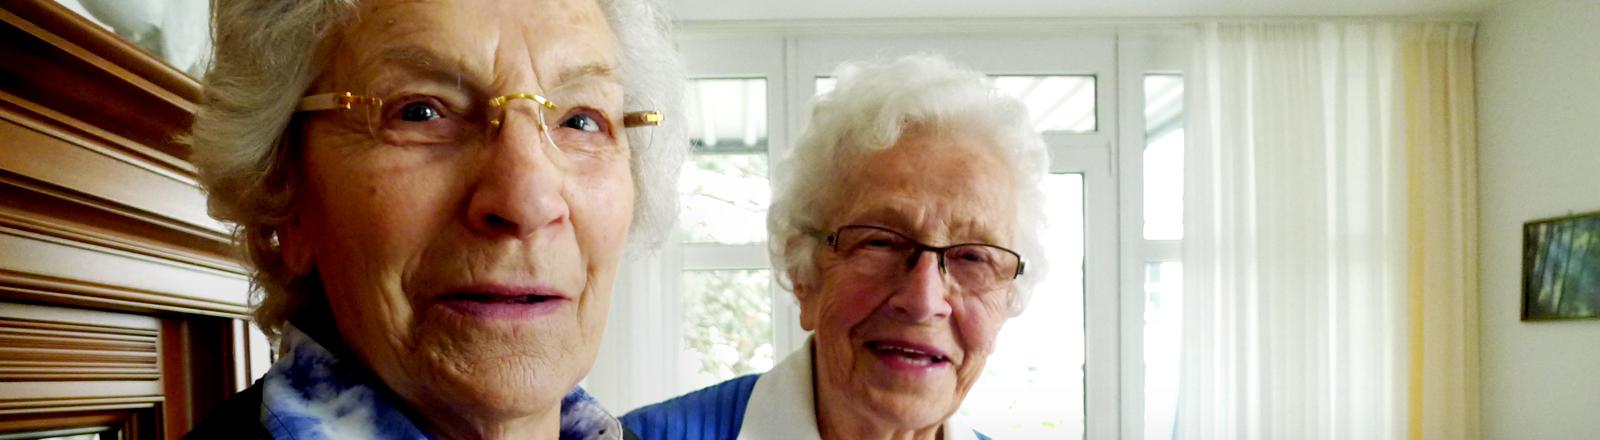 Zwei ältere Damen grinsen und drohen spaßeshalber mit erhobenem Zeigefinger